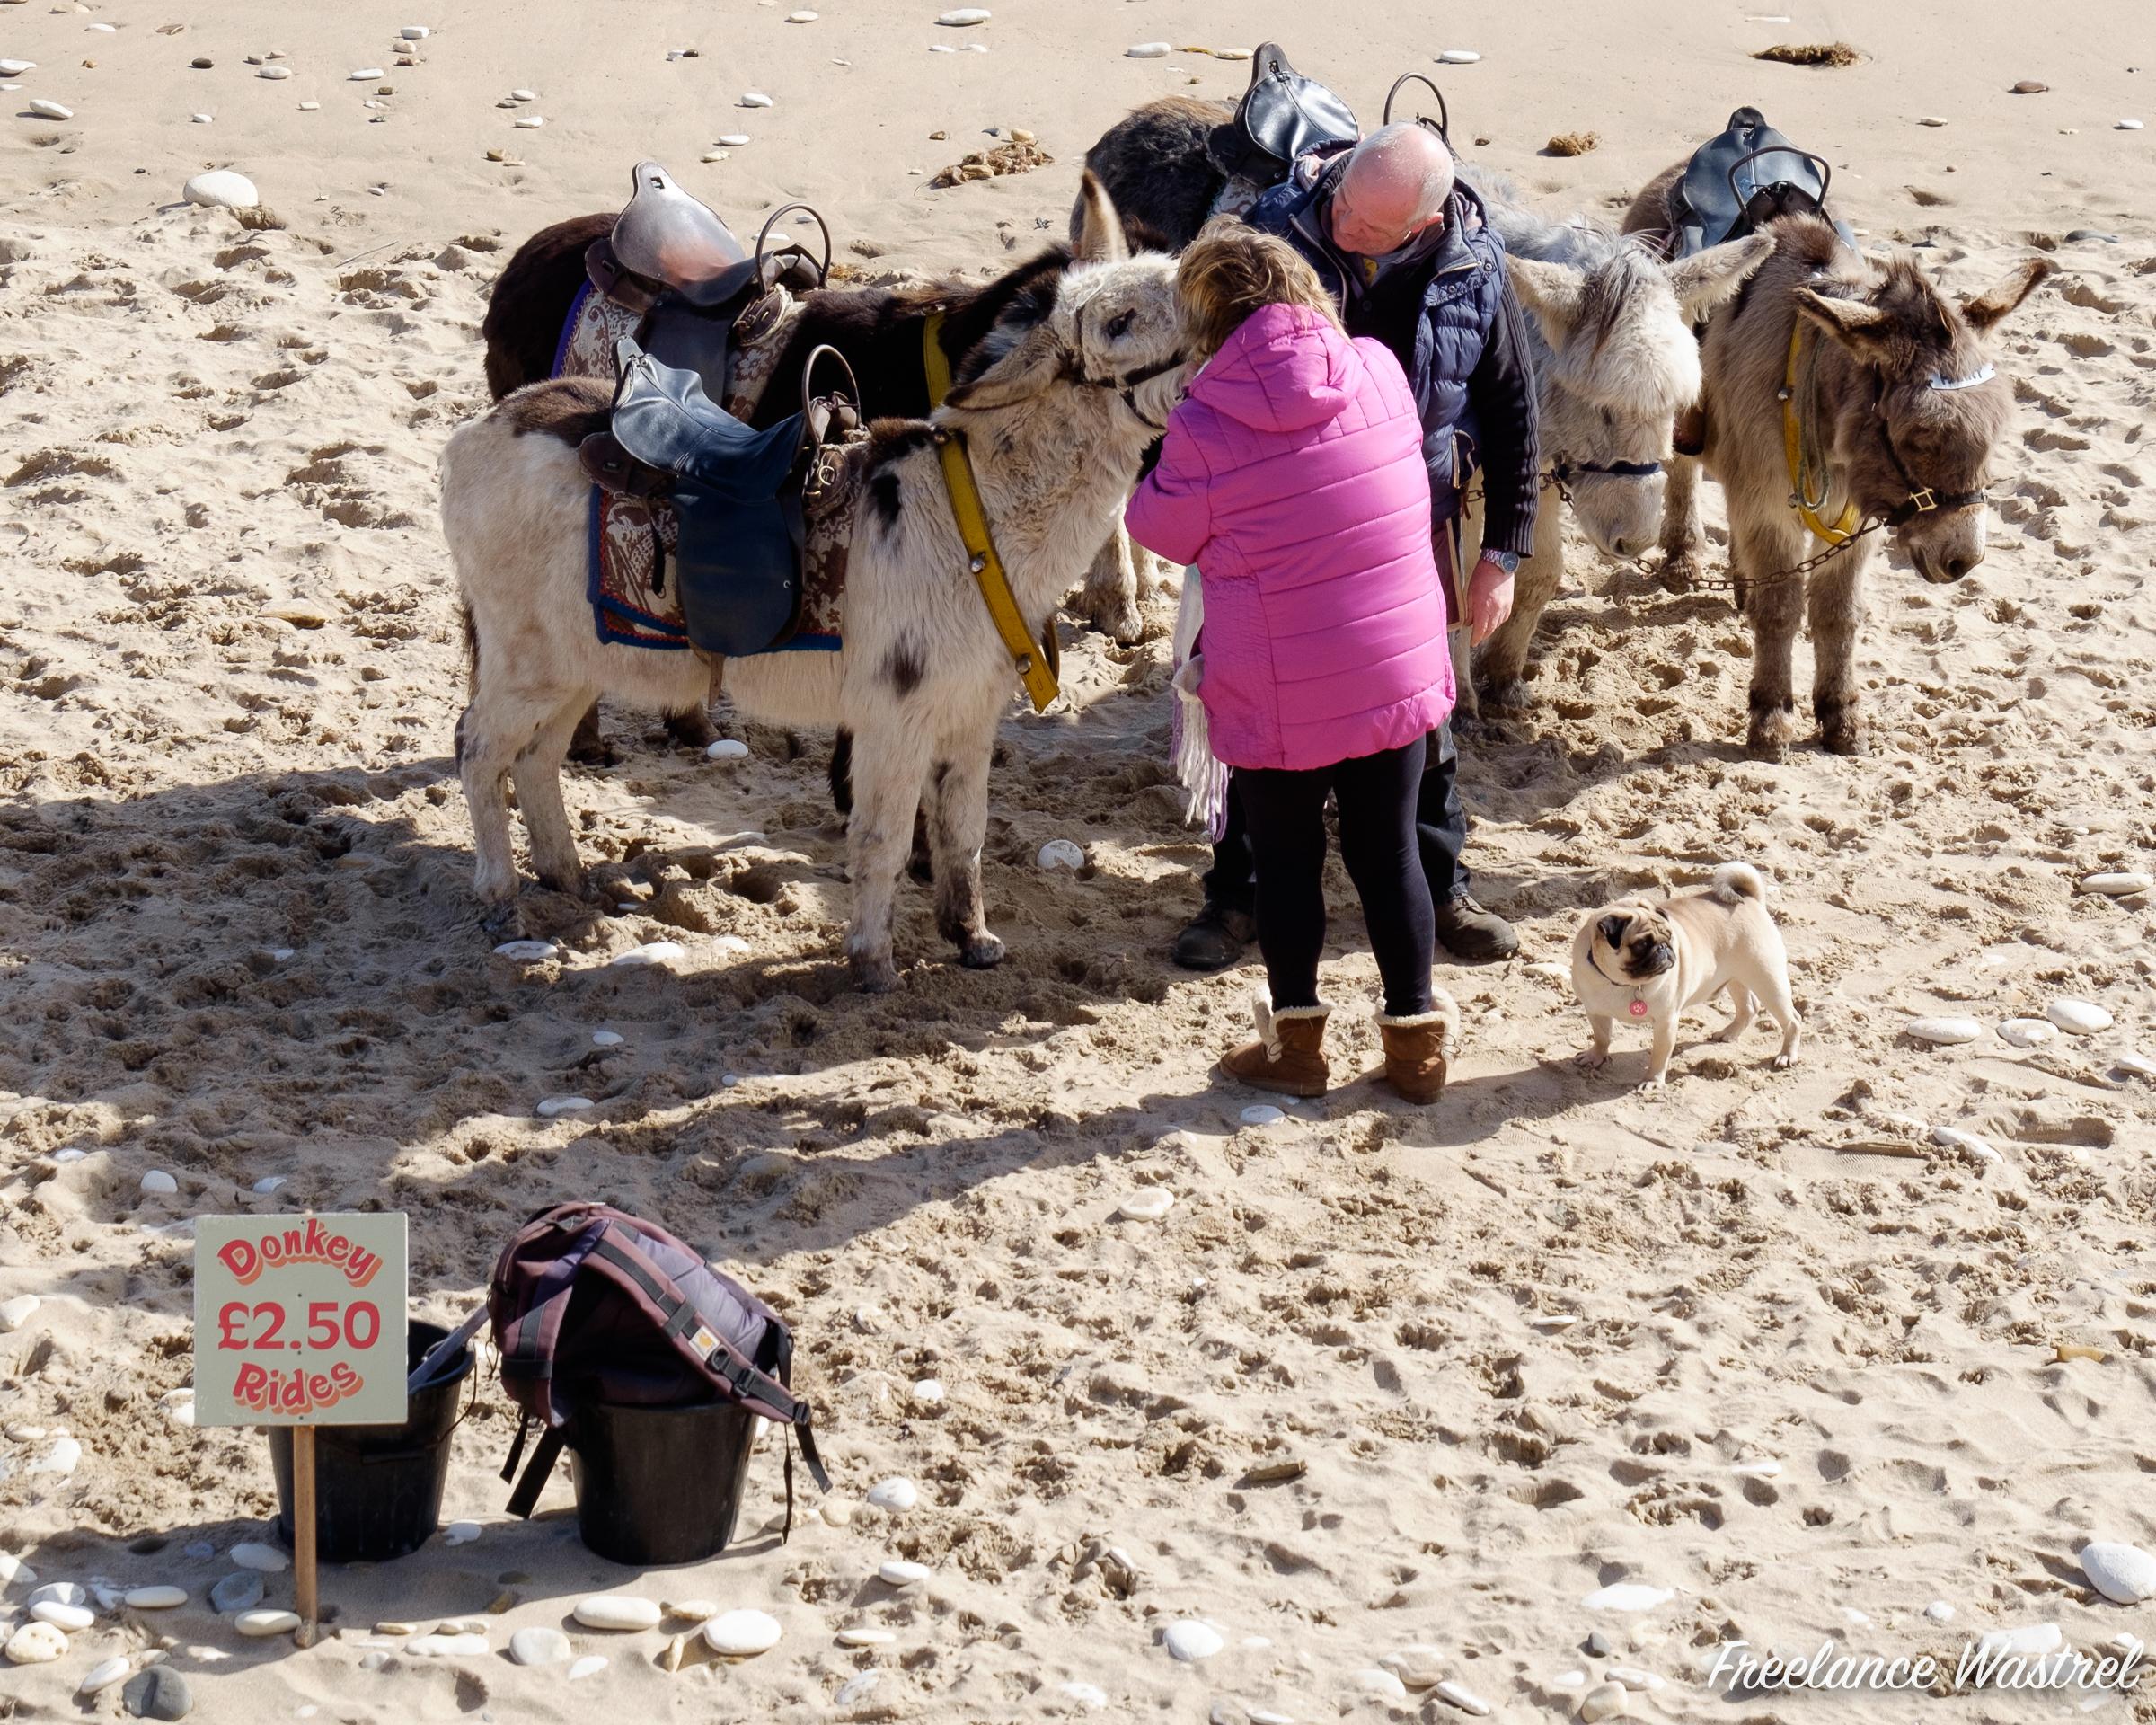 Donkey Rides £2.50